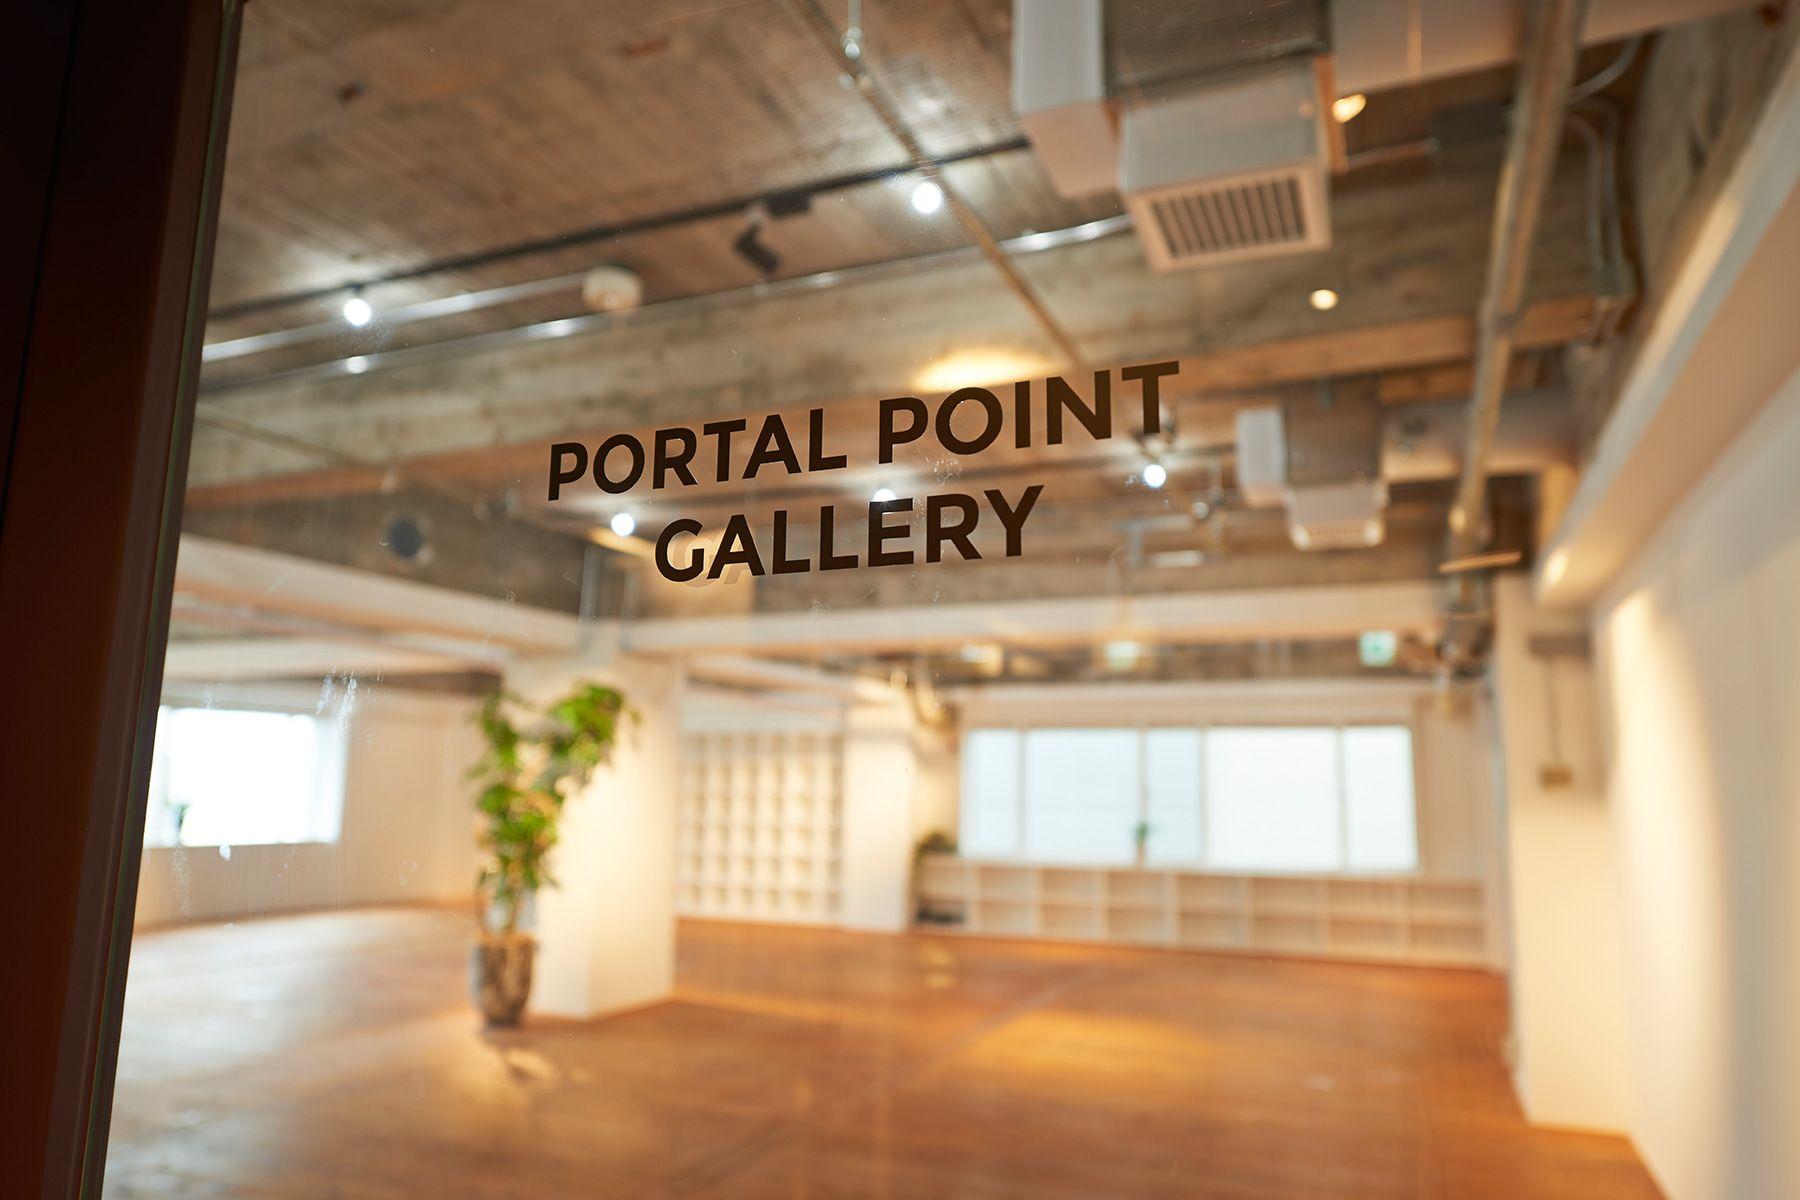 PORTAL POINT GALLEREY (ポータルポイントギャラリー)